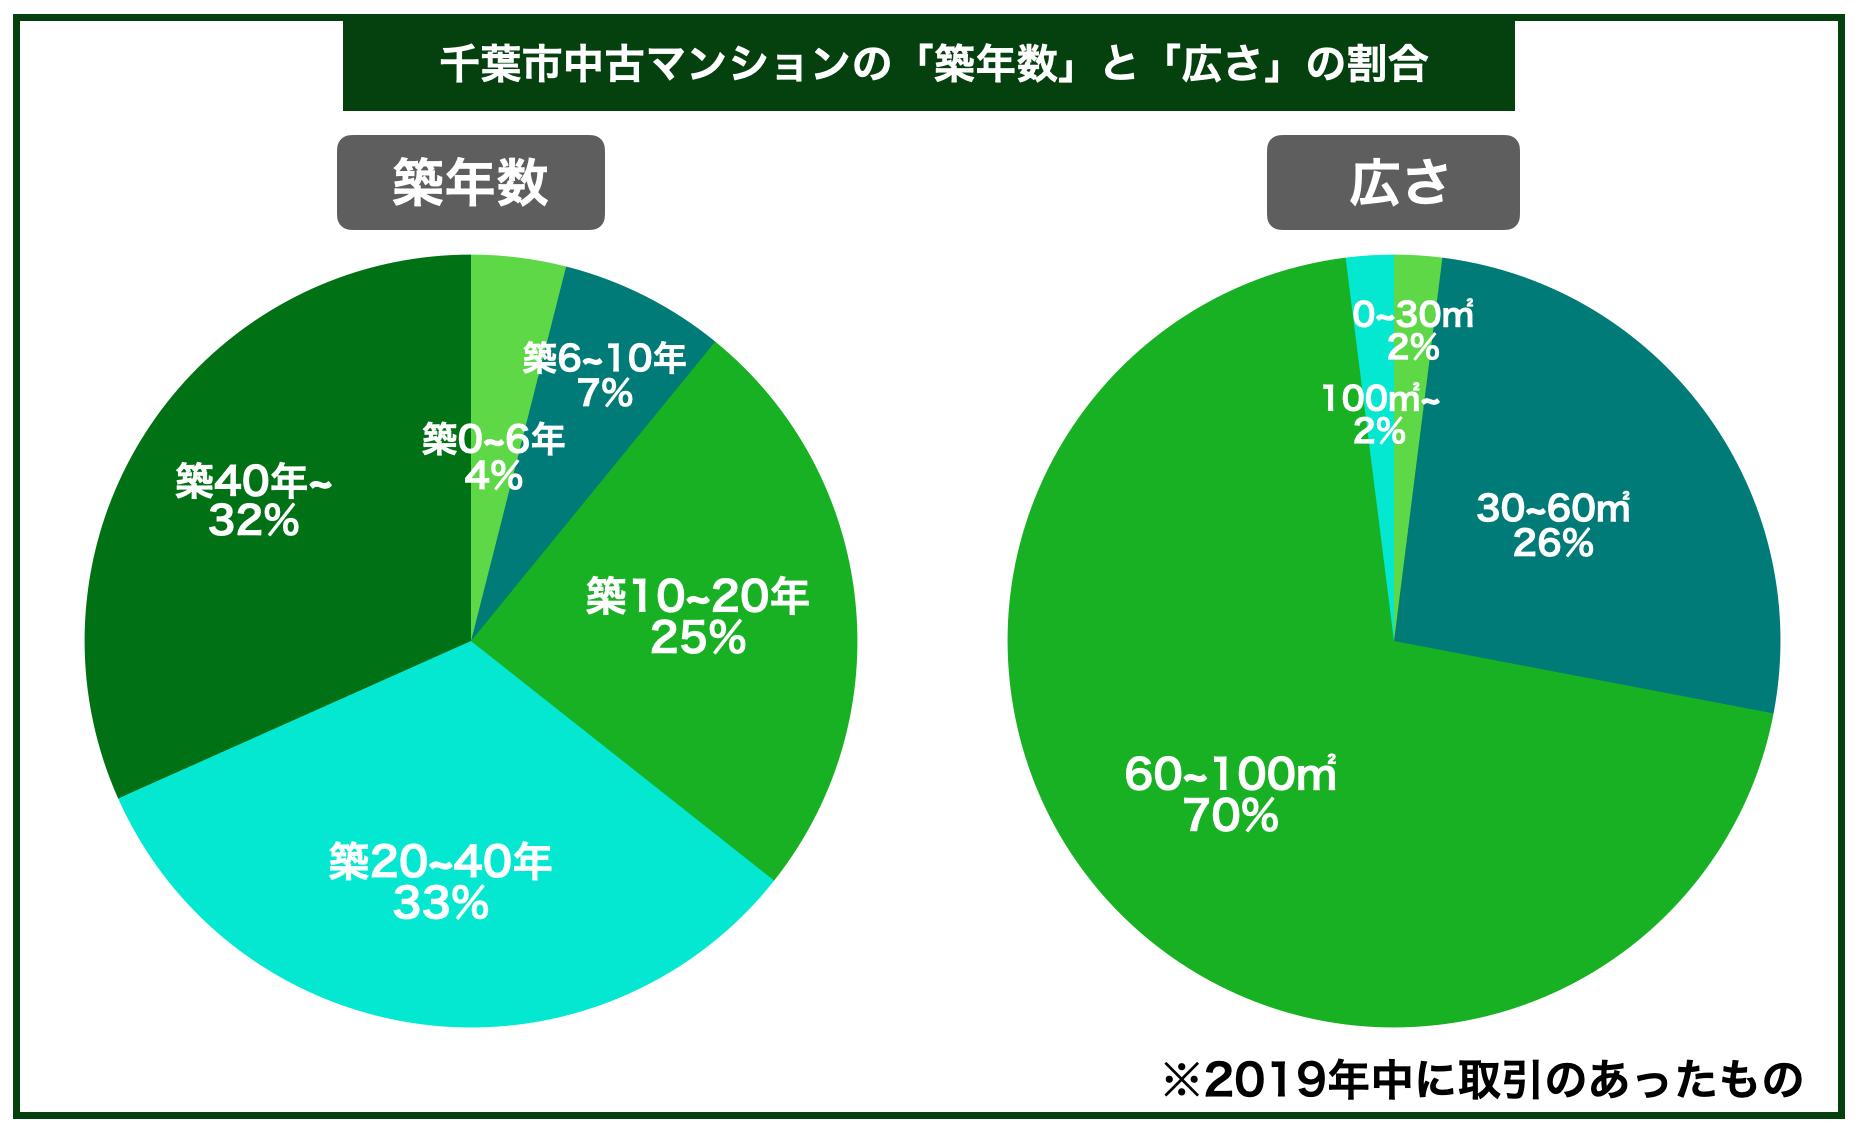 千葉市マンション築年数広さ割合